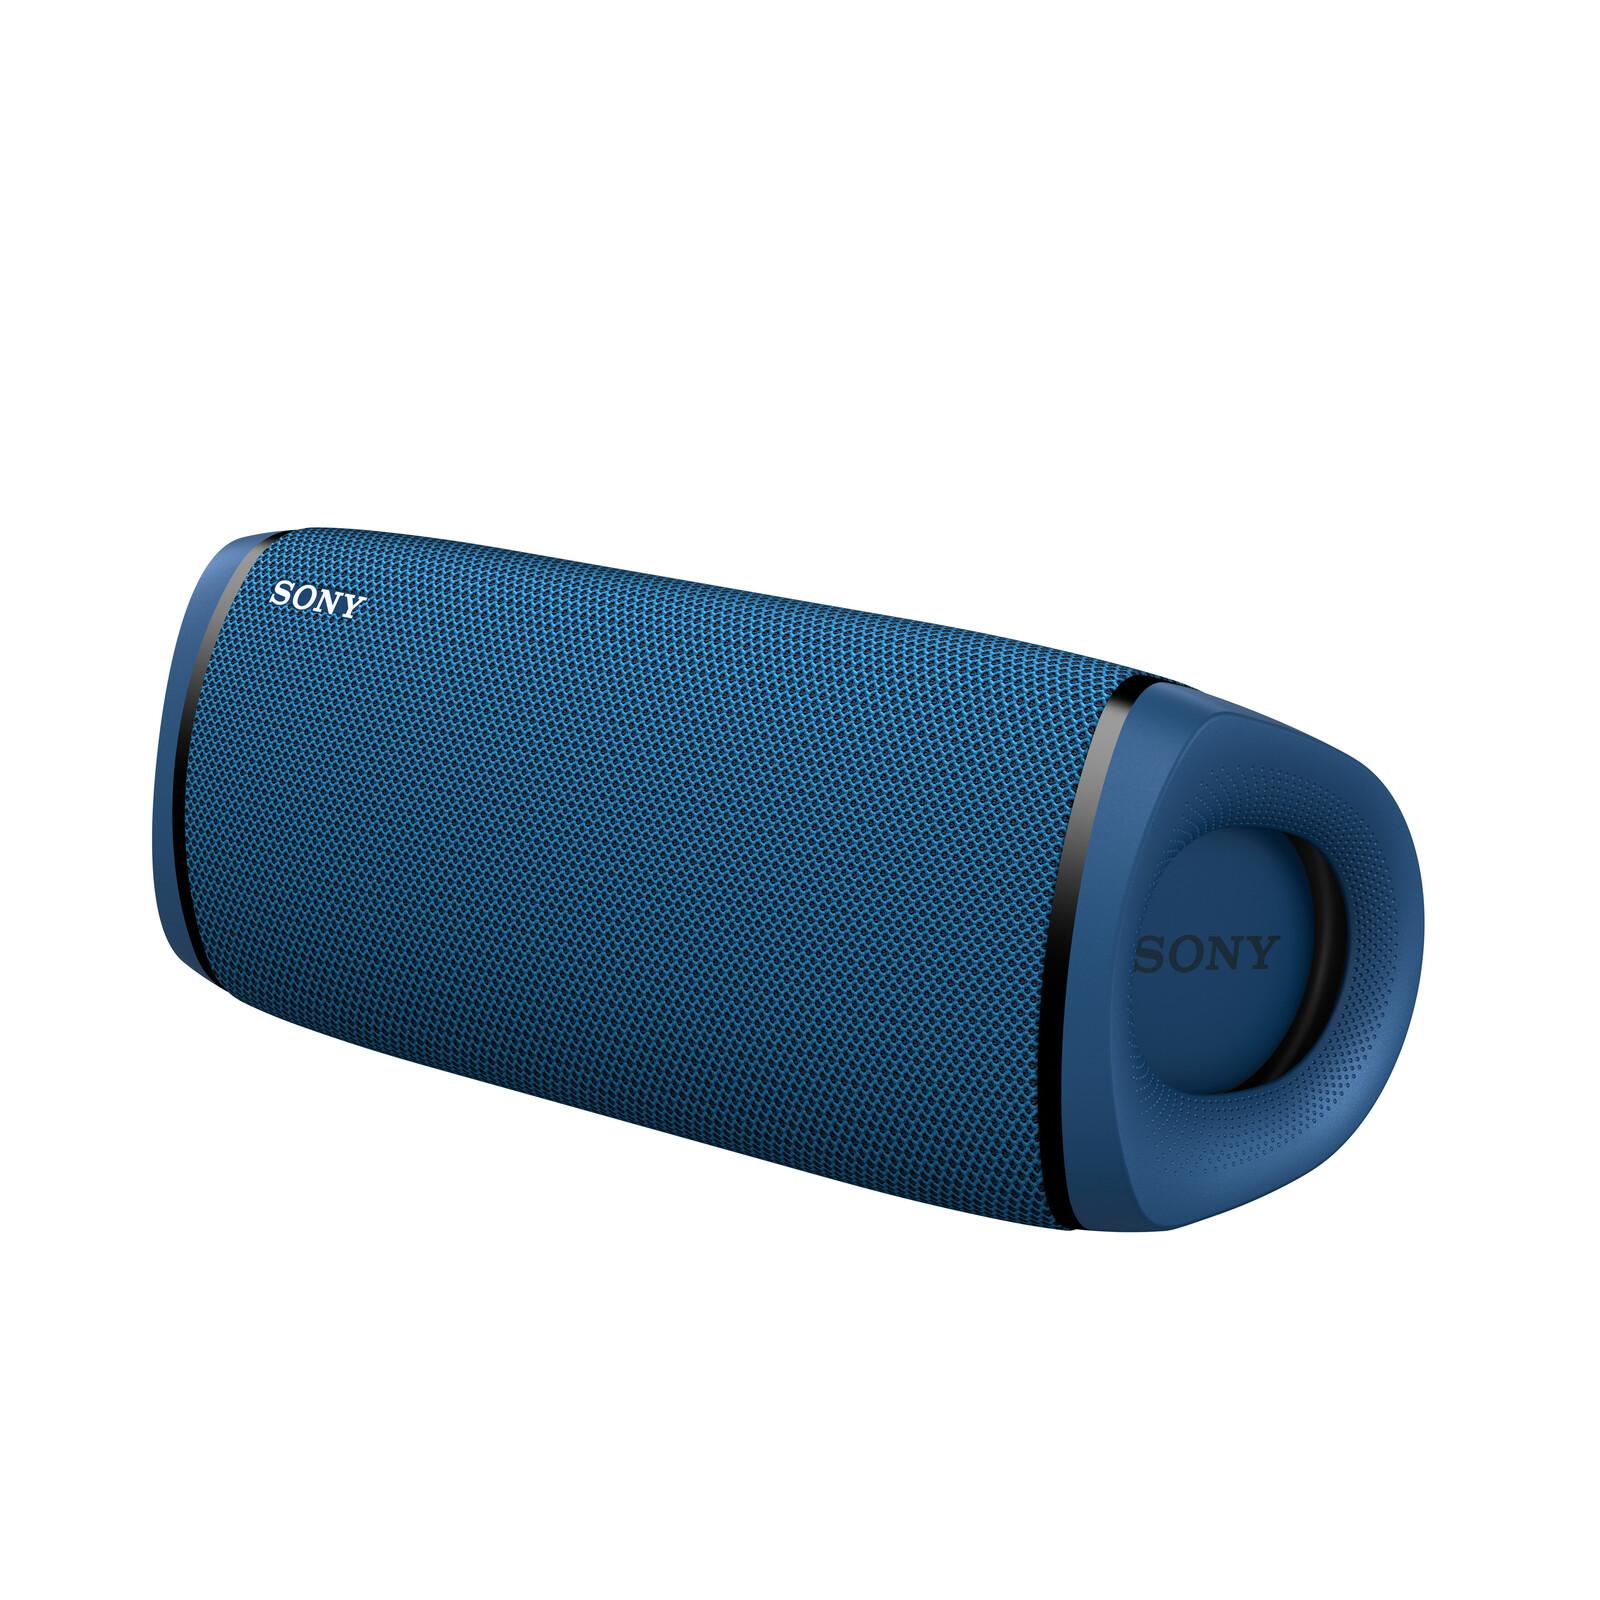 Sony SRS-XB43L Bluetooth Speaker blau